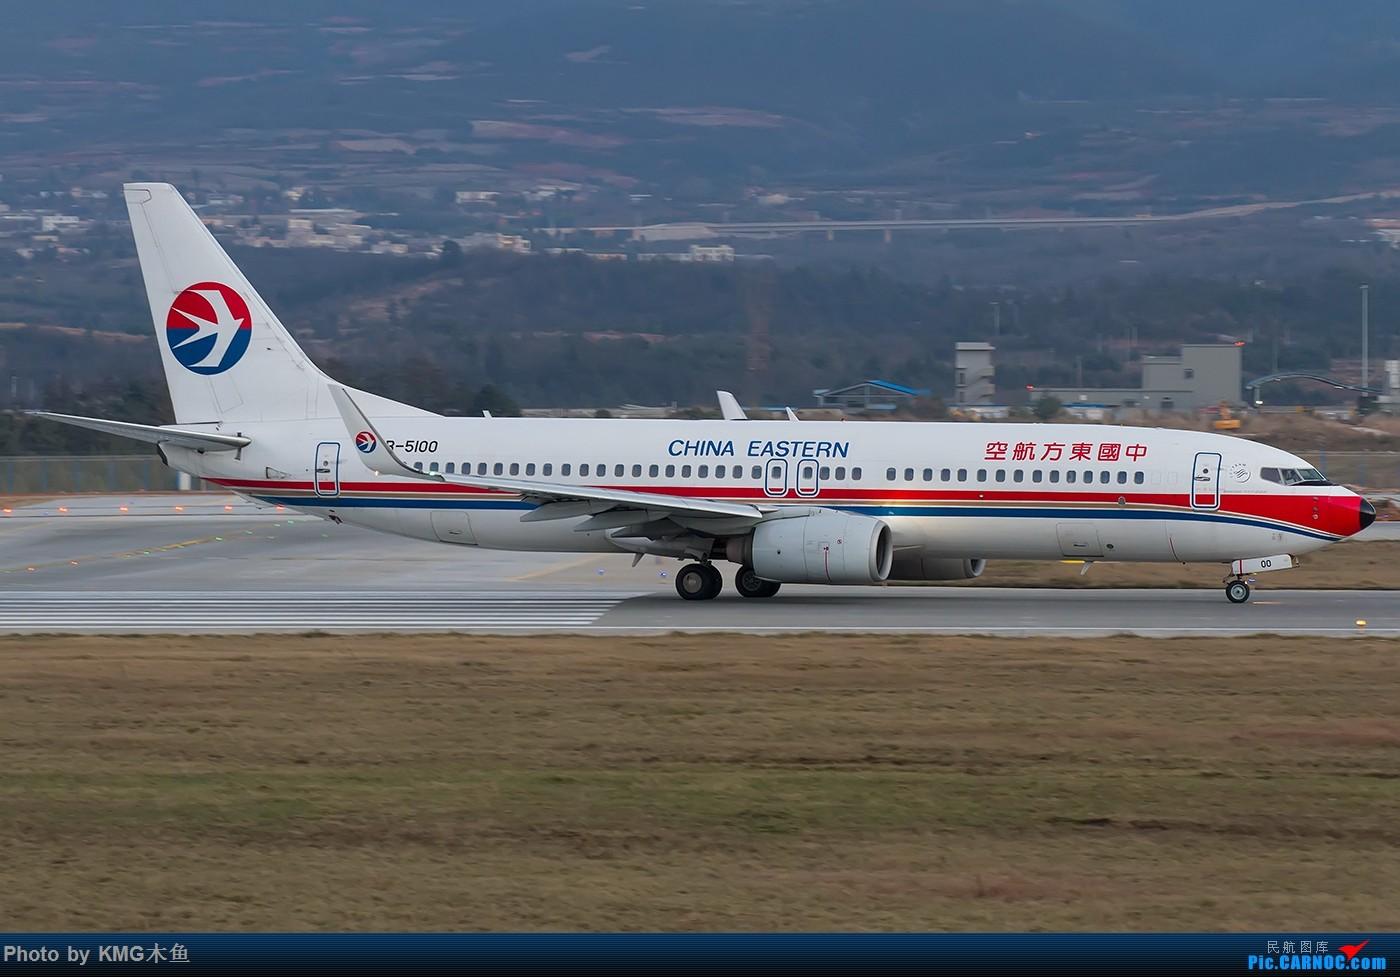 Re:[原创]【KMG】【昆明飞友会-KMG木鱼】2016年一月的周末从白天拍到天黑,临走时还来了一架波音777 BOEING 737-800 B-5100 中国昆明长水国际机场